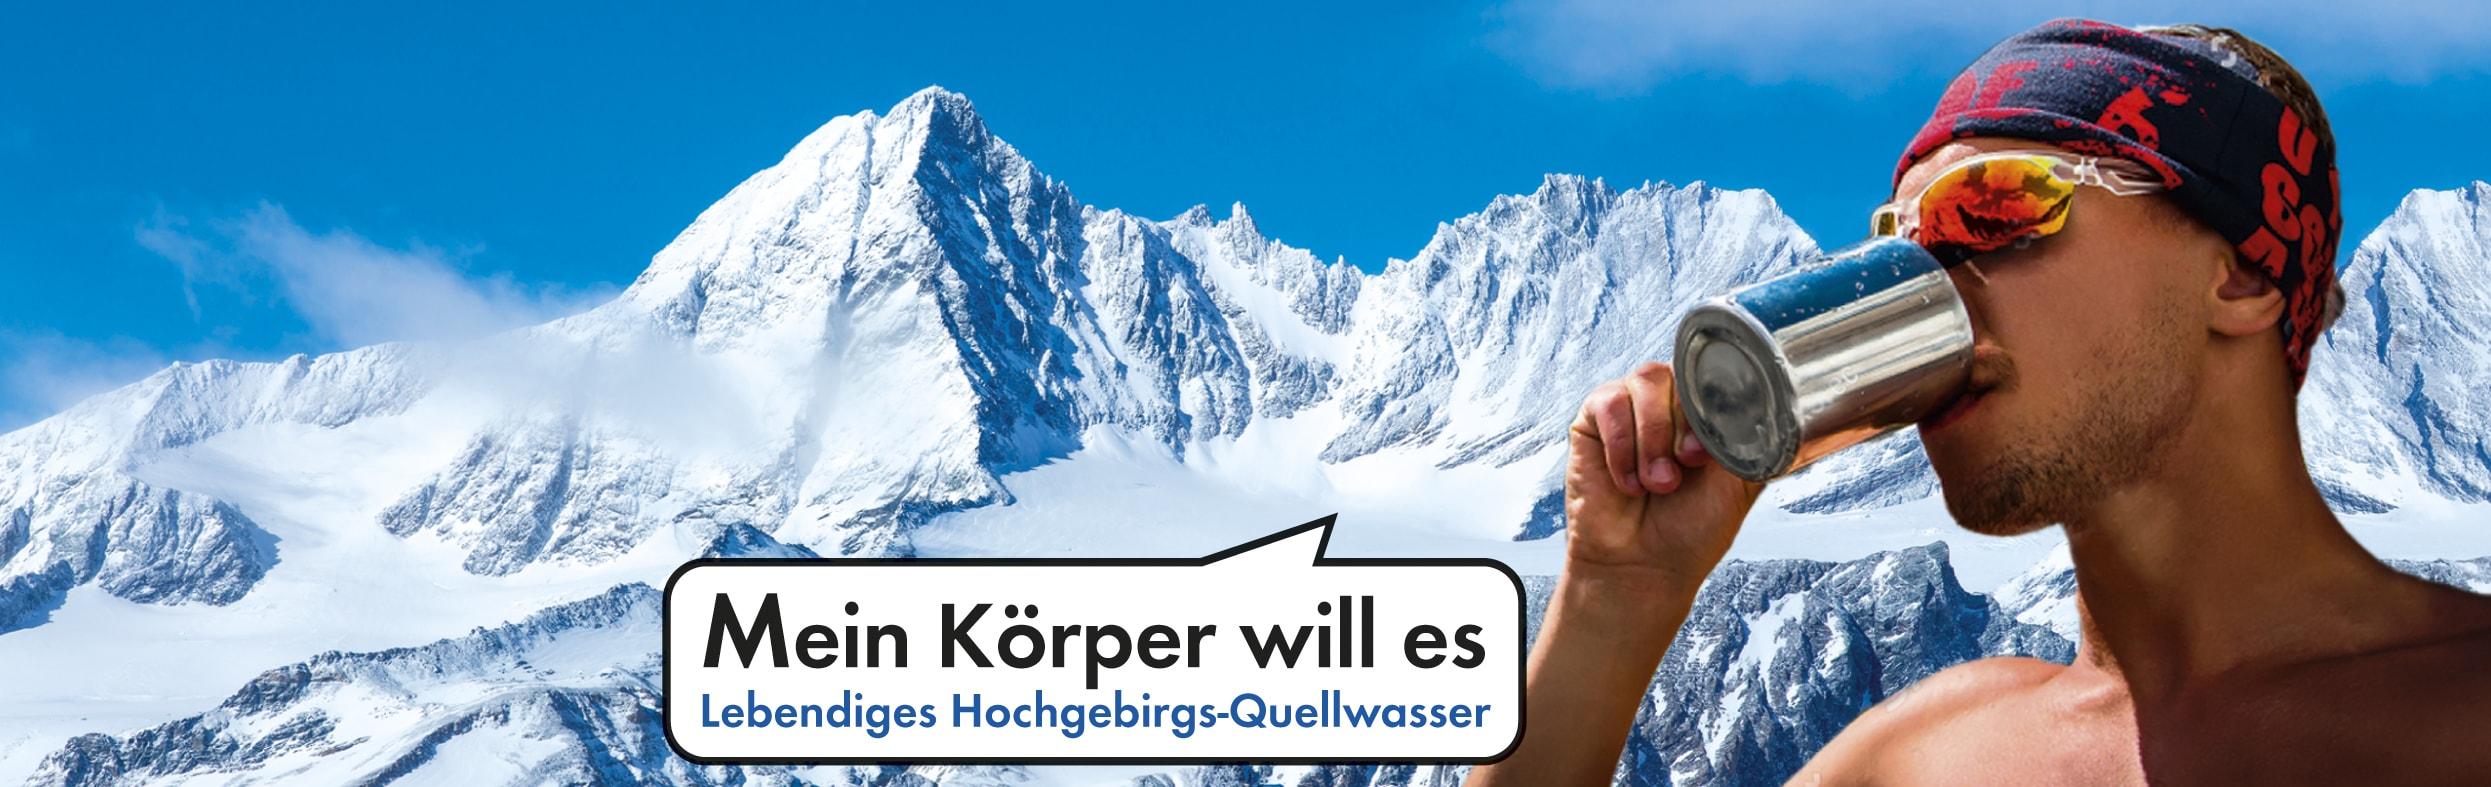 01_Mein_Koerper